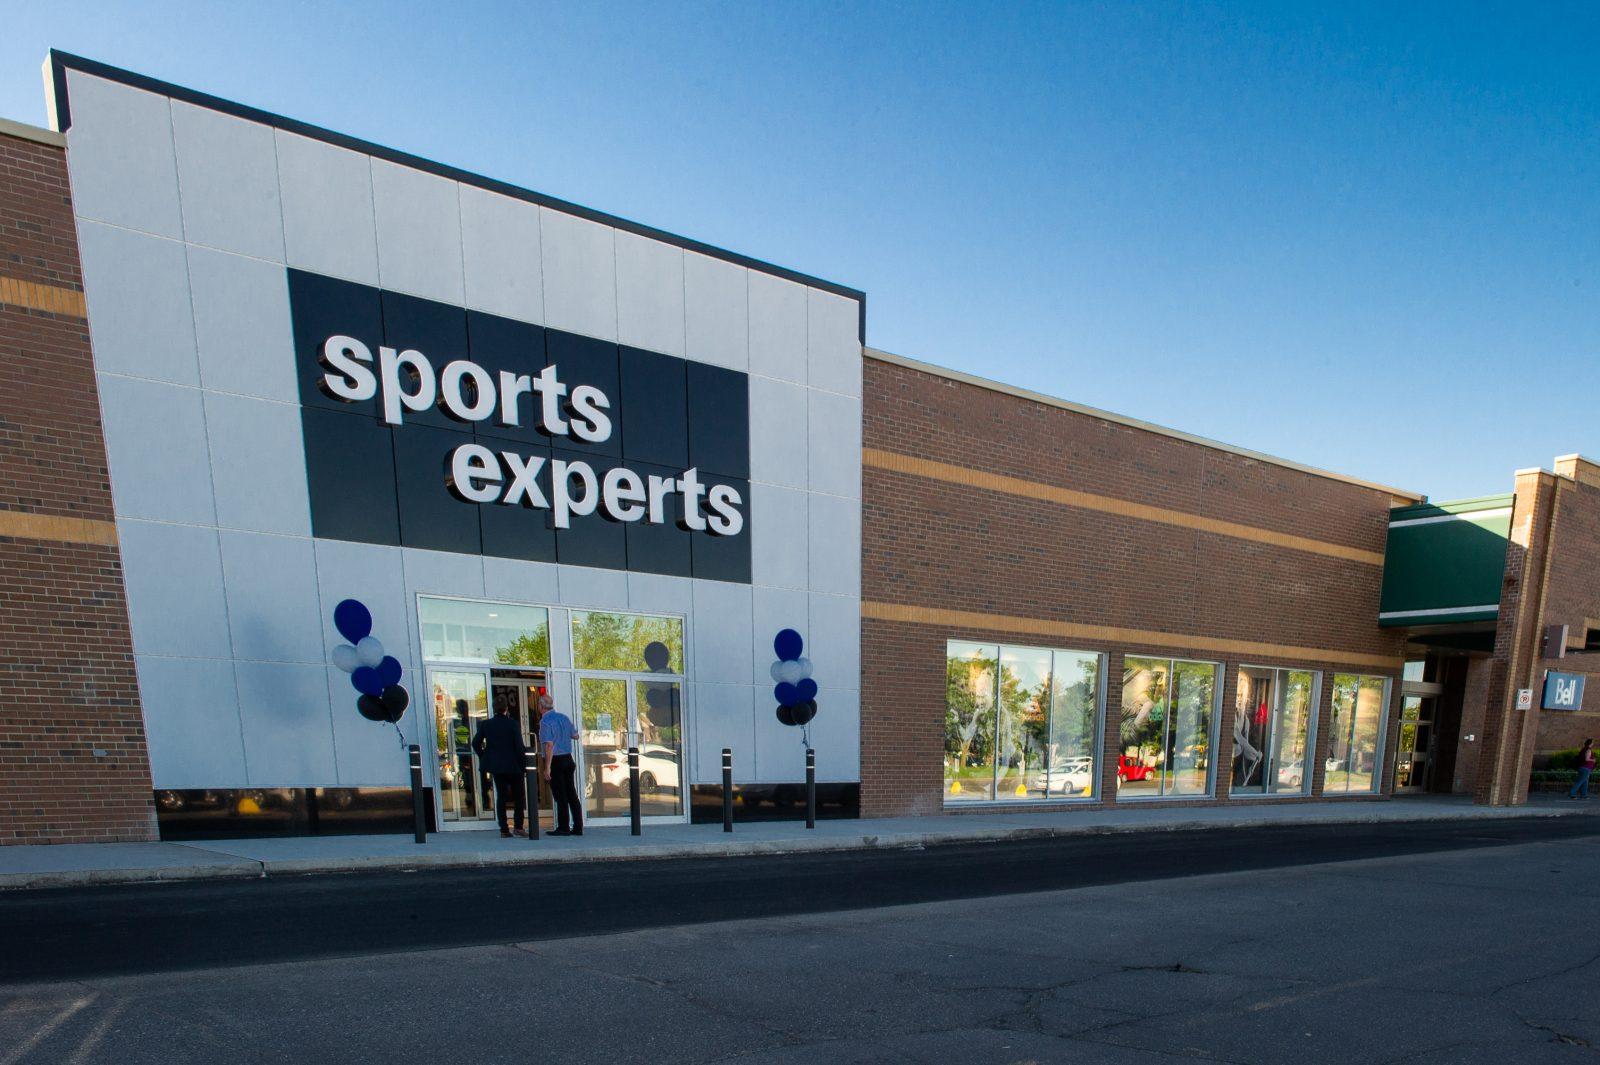 Sports Experts dévoilera son magasin rénové demain